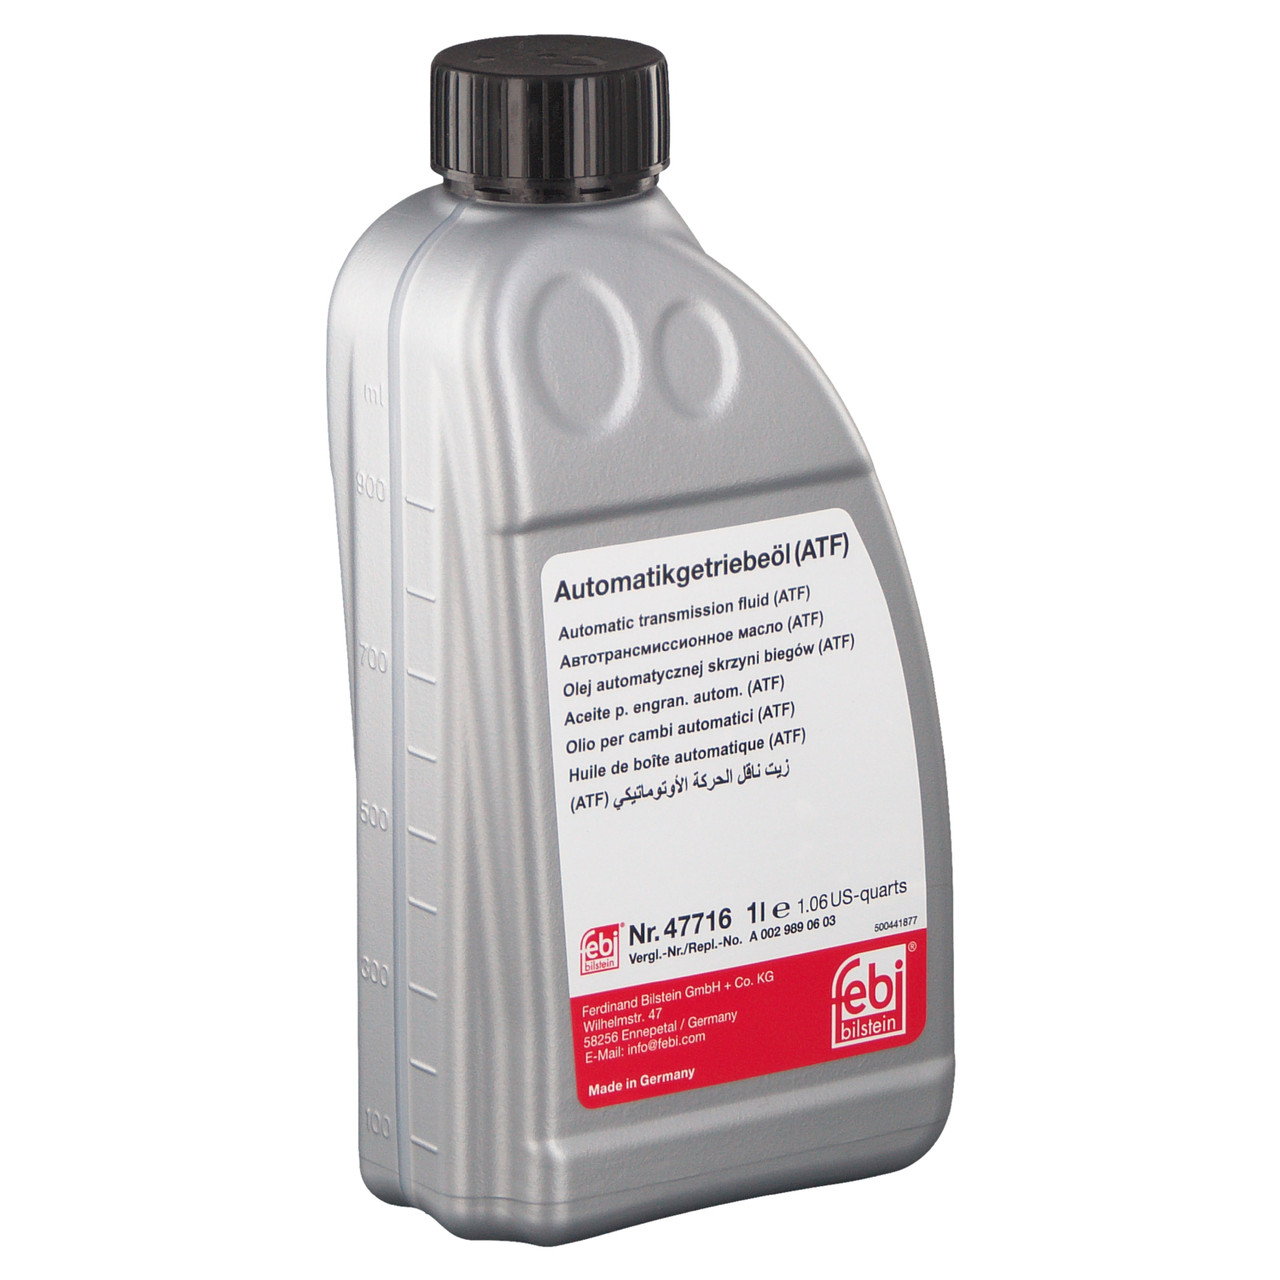 Трансмиссионное масло FEBI BILSTEIN (ATF) Nr.47716 (1л) MB 236.16/MB 236.17